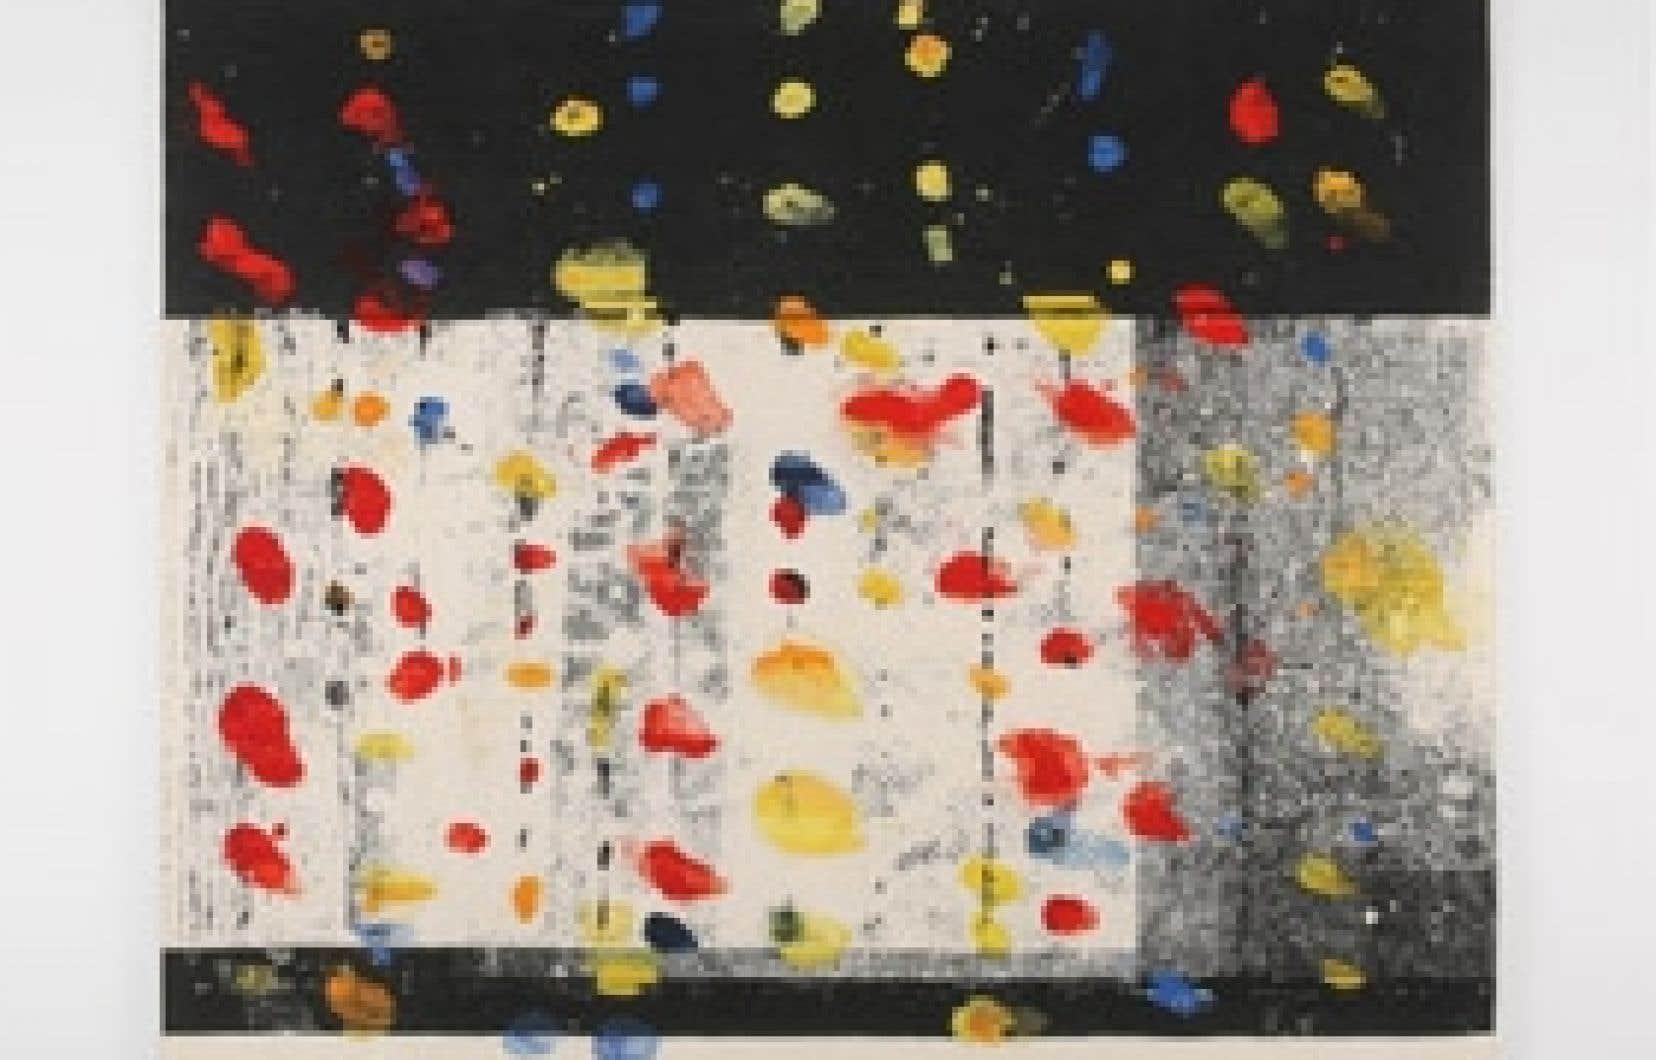 Averse chromatique, de Marcel Marois. 2003-2008.